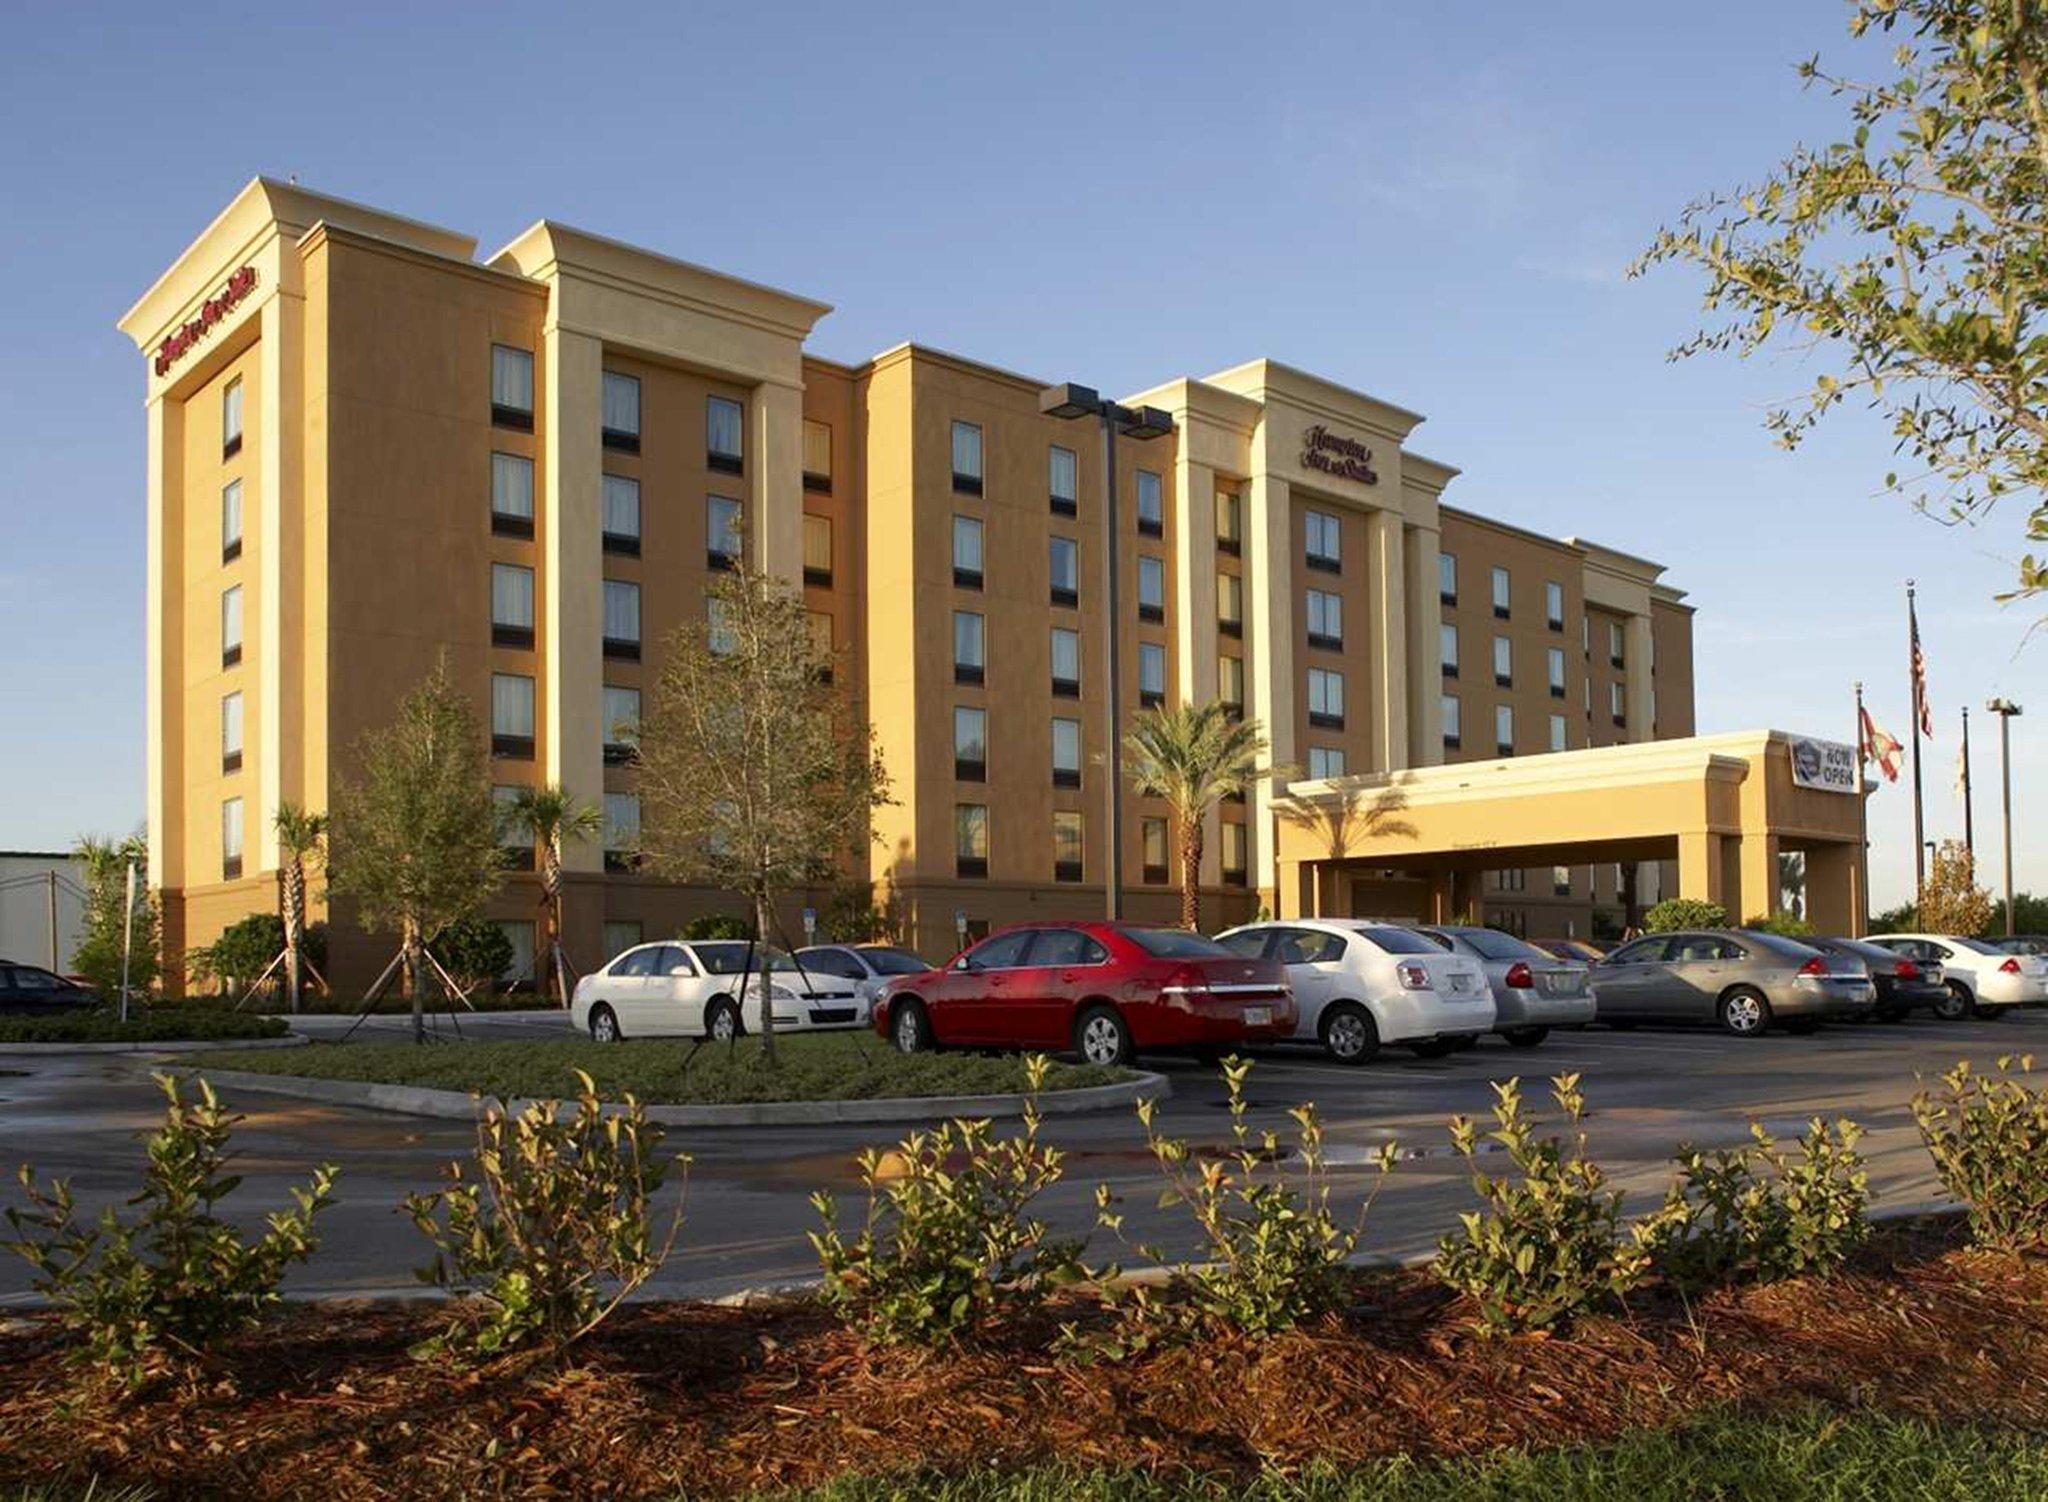 Hampton Inn And Suites Clearwater St. Petersburg Ulmerton Road